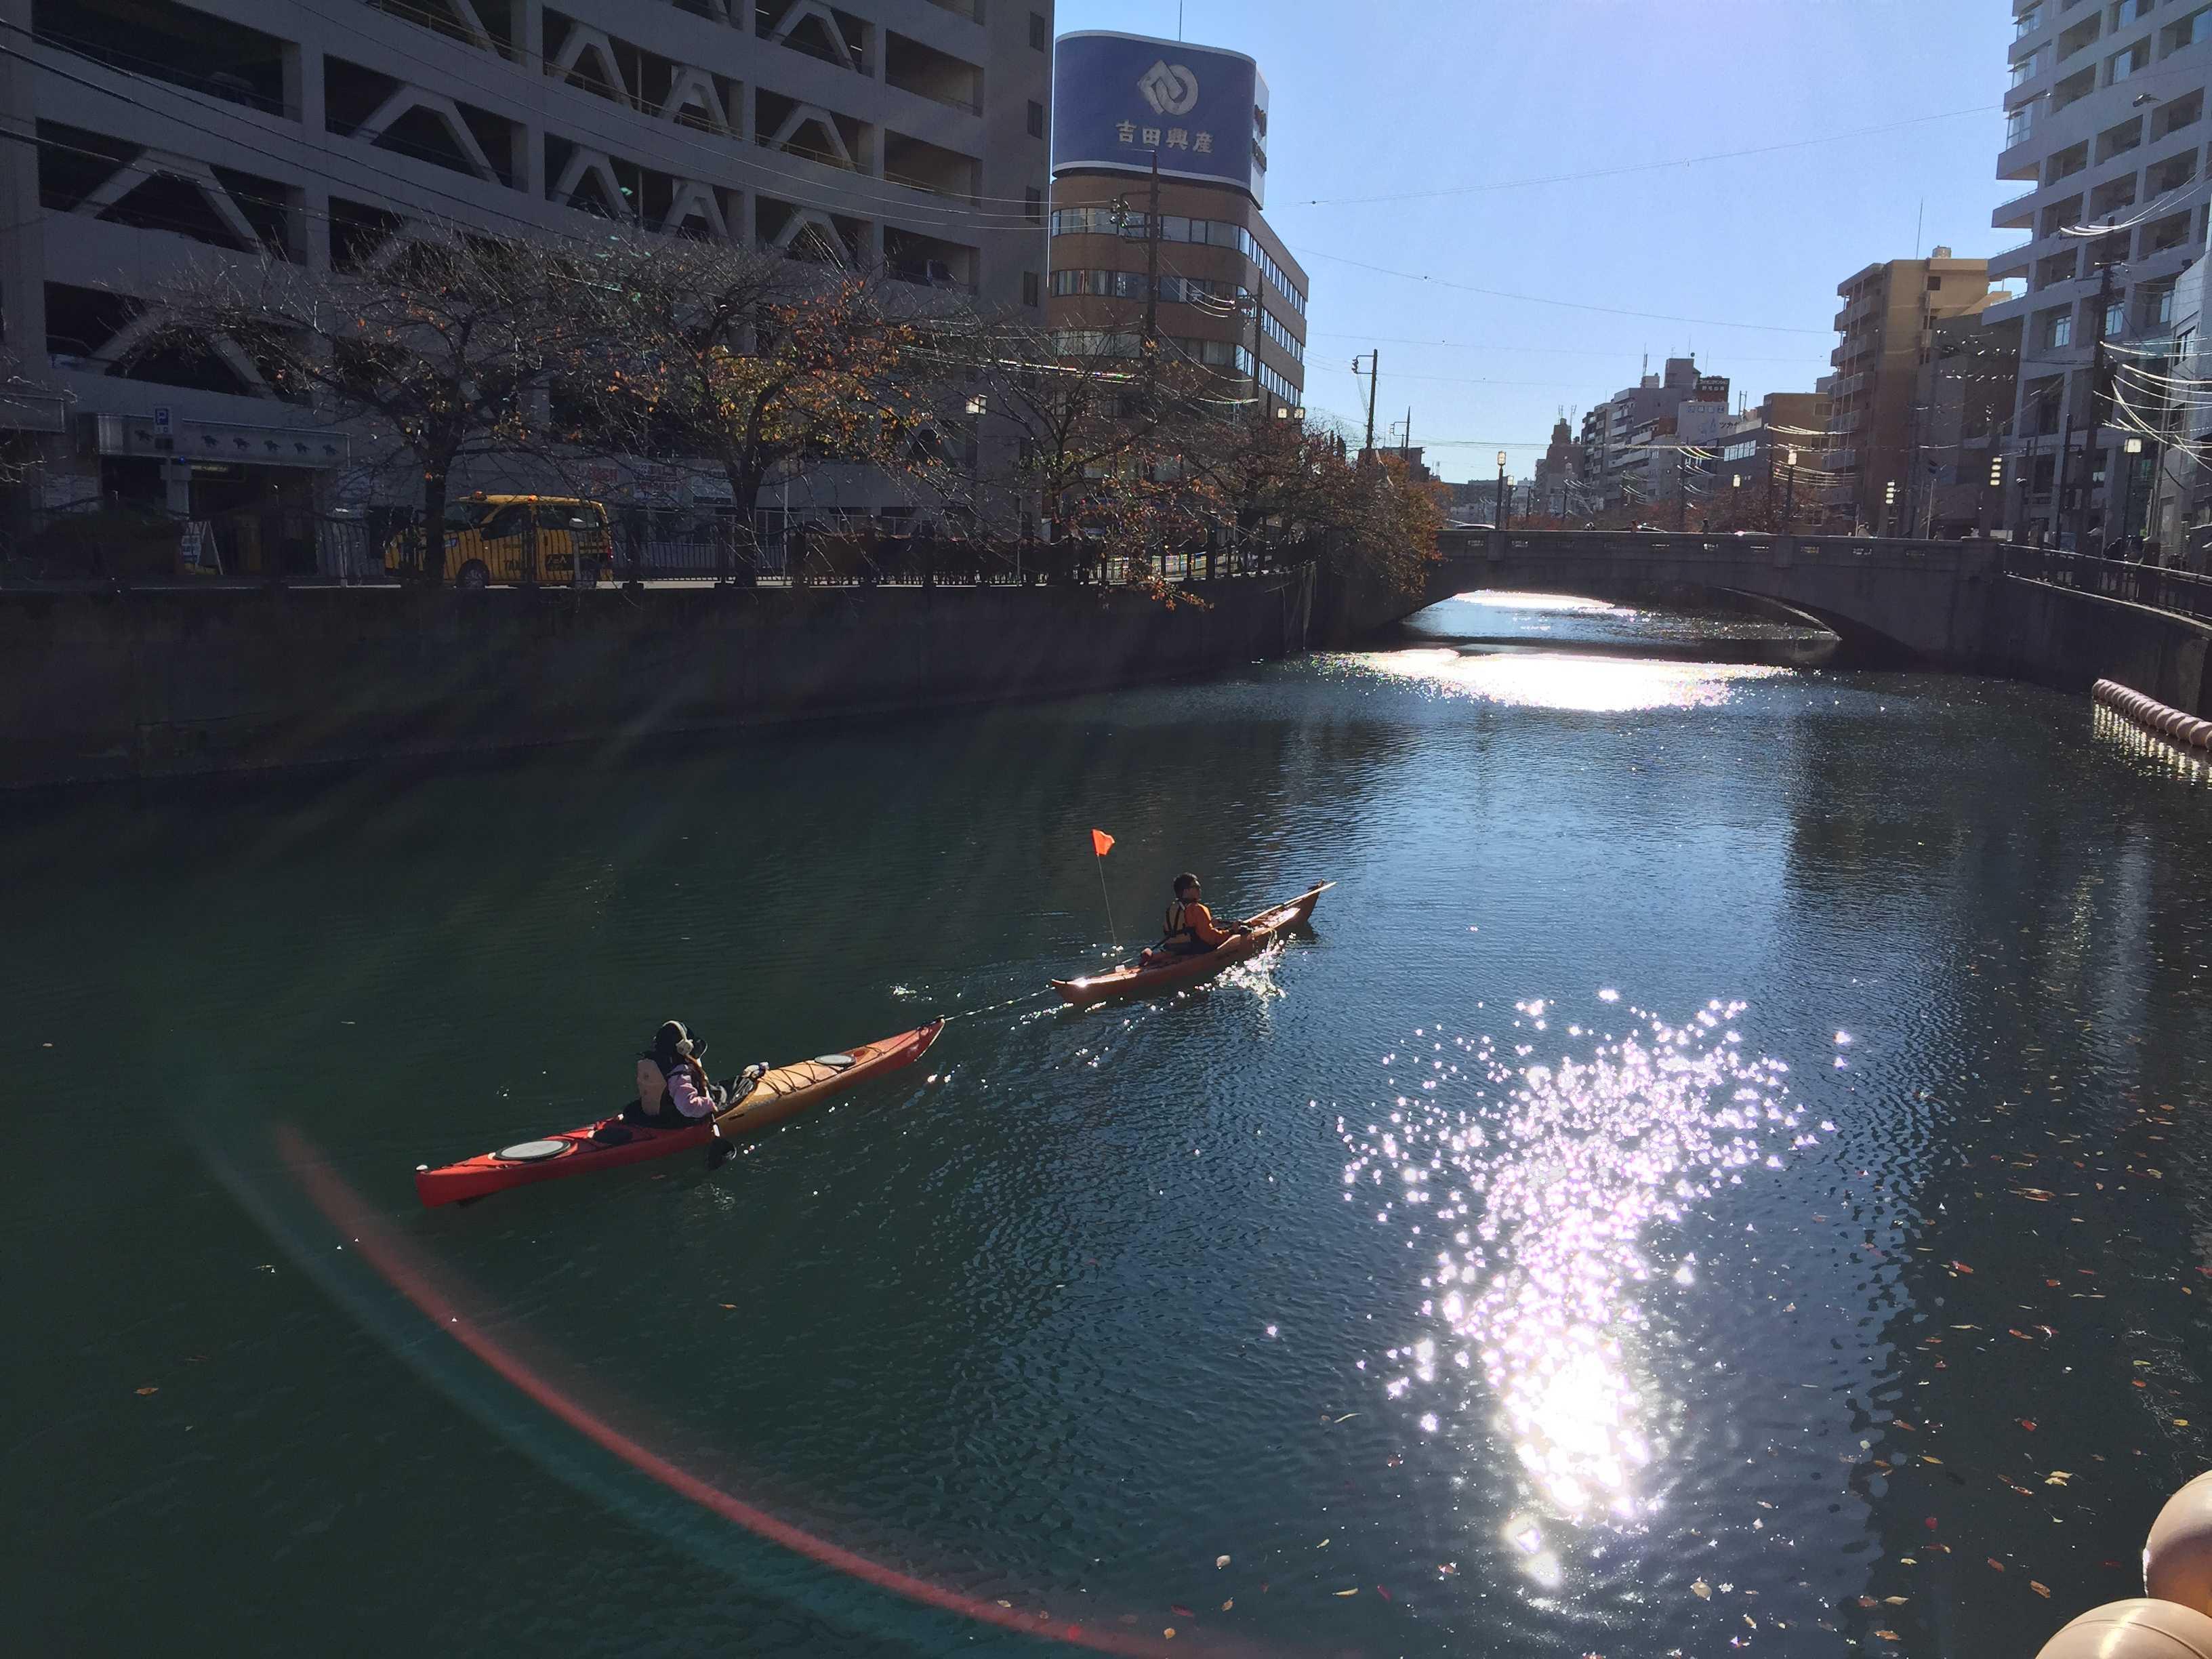 カヤック、煌めく大岡川を行く(大岡川沿い散歩) & 京急線